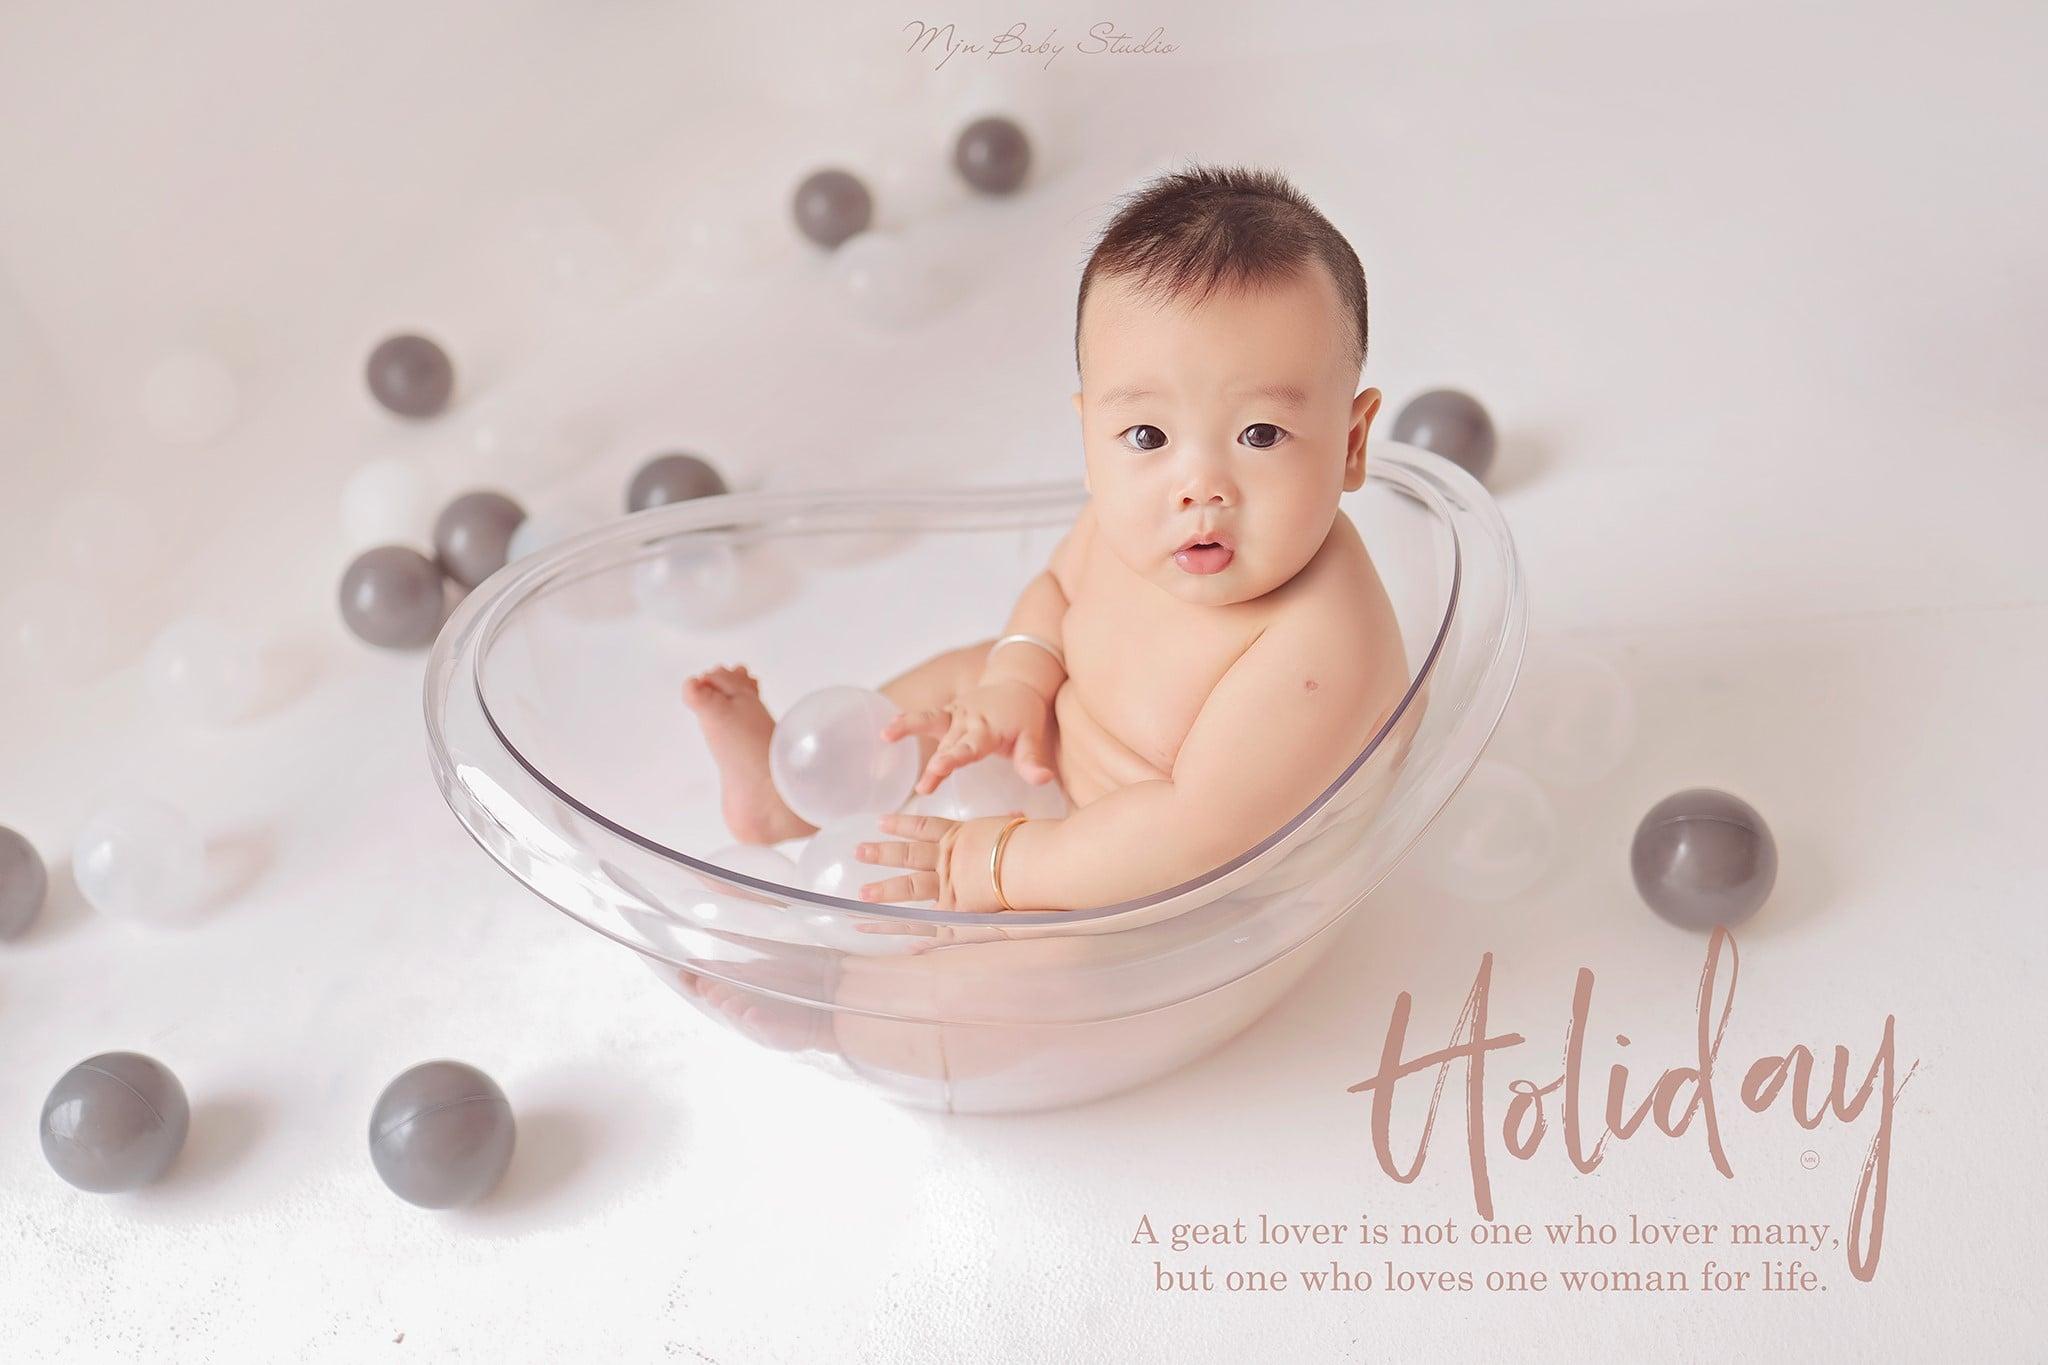 Top 7 Studio chụp ảnh cho bé đẹp và chất lượng nhất Cần Thơ - Mjn Baby Studio